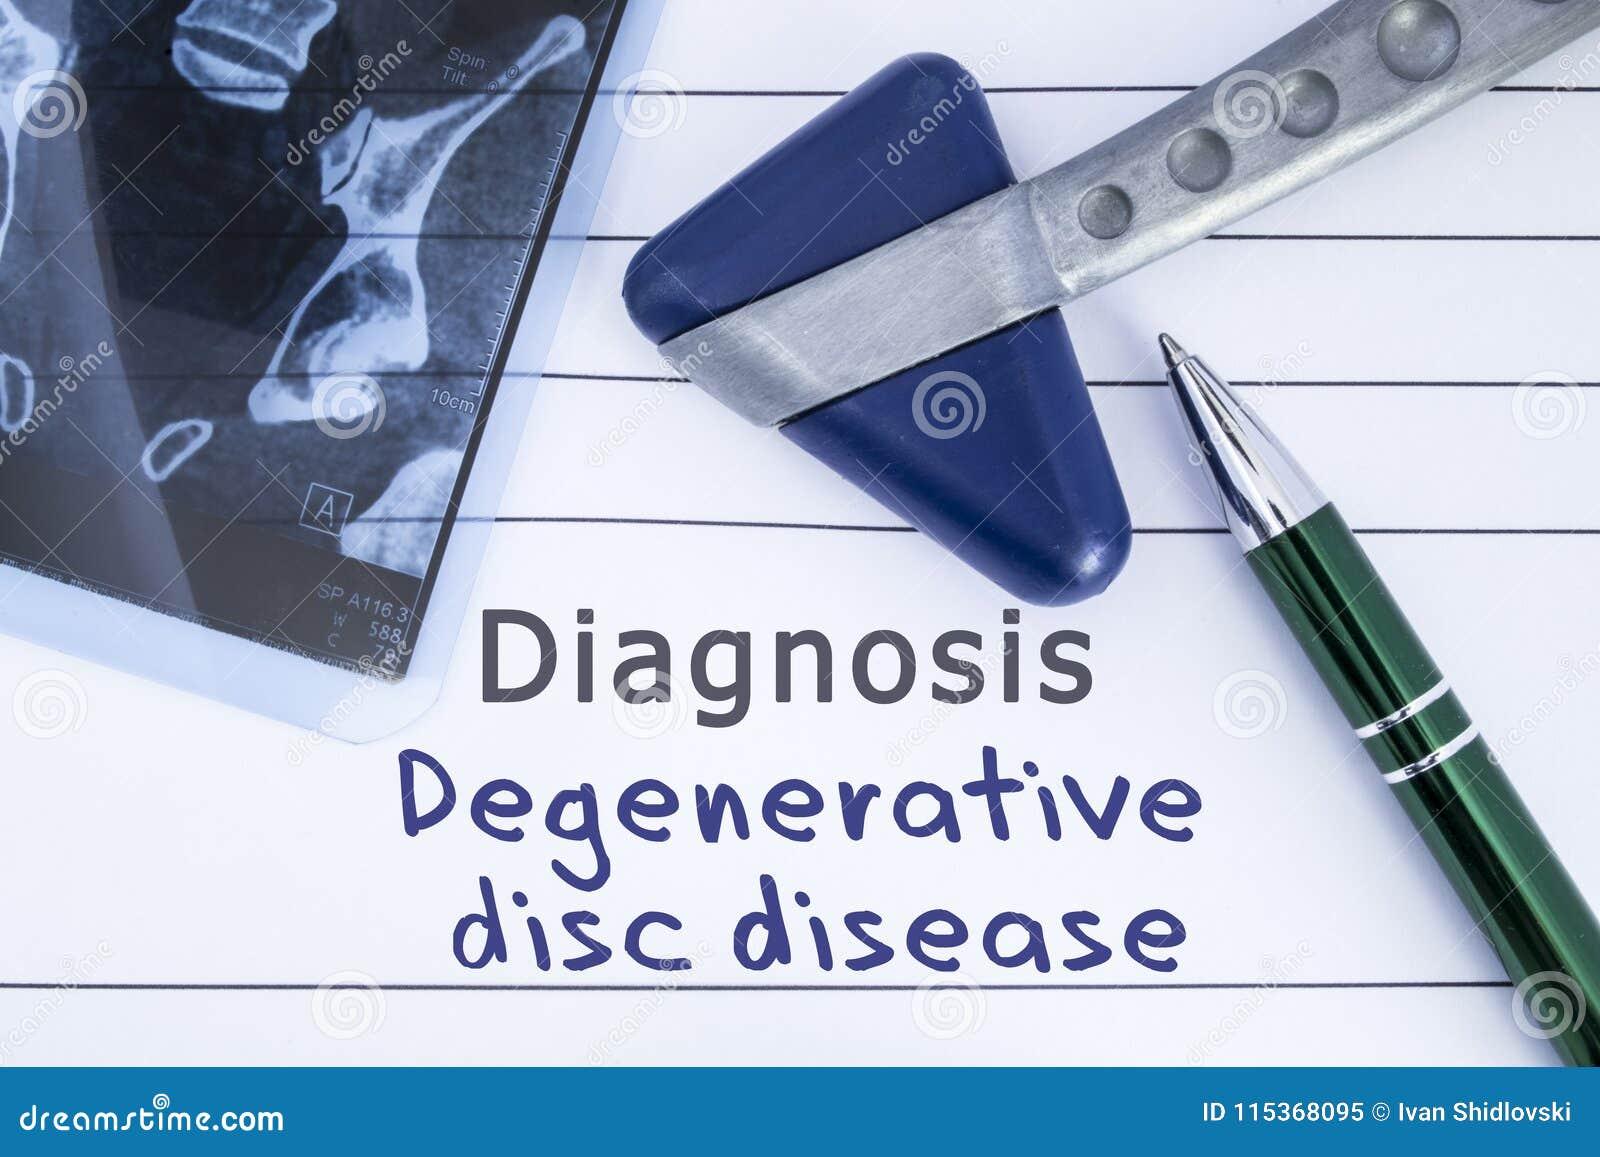 Εκφυλιστική ασθένεια δίσκων διαγνώσεων Ιατρική ιστορία υγείας που γράφεται με τη διάγνωση της οσφυικής ασθένειας δίσκων, ιερή σπο